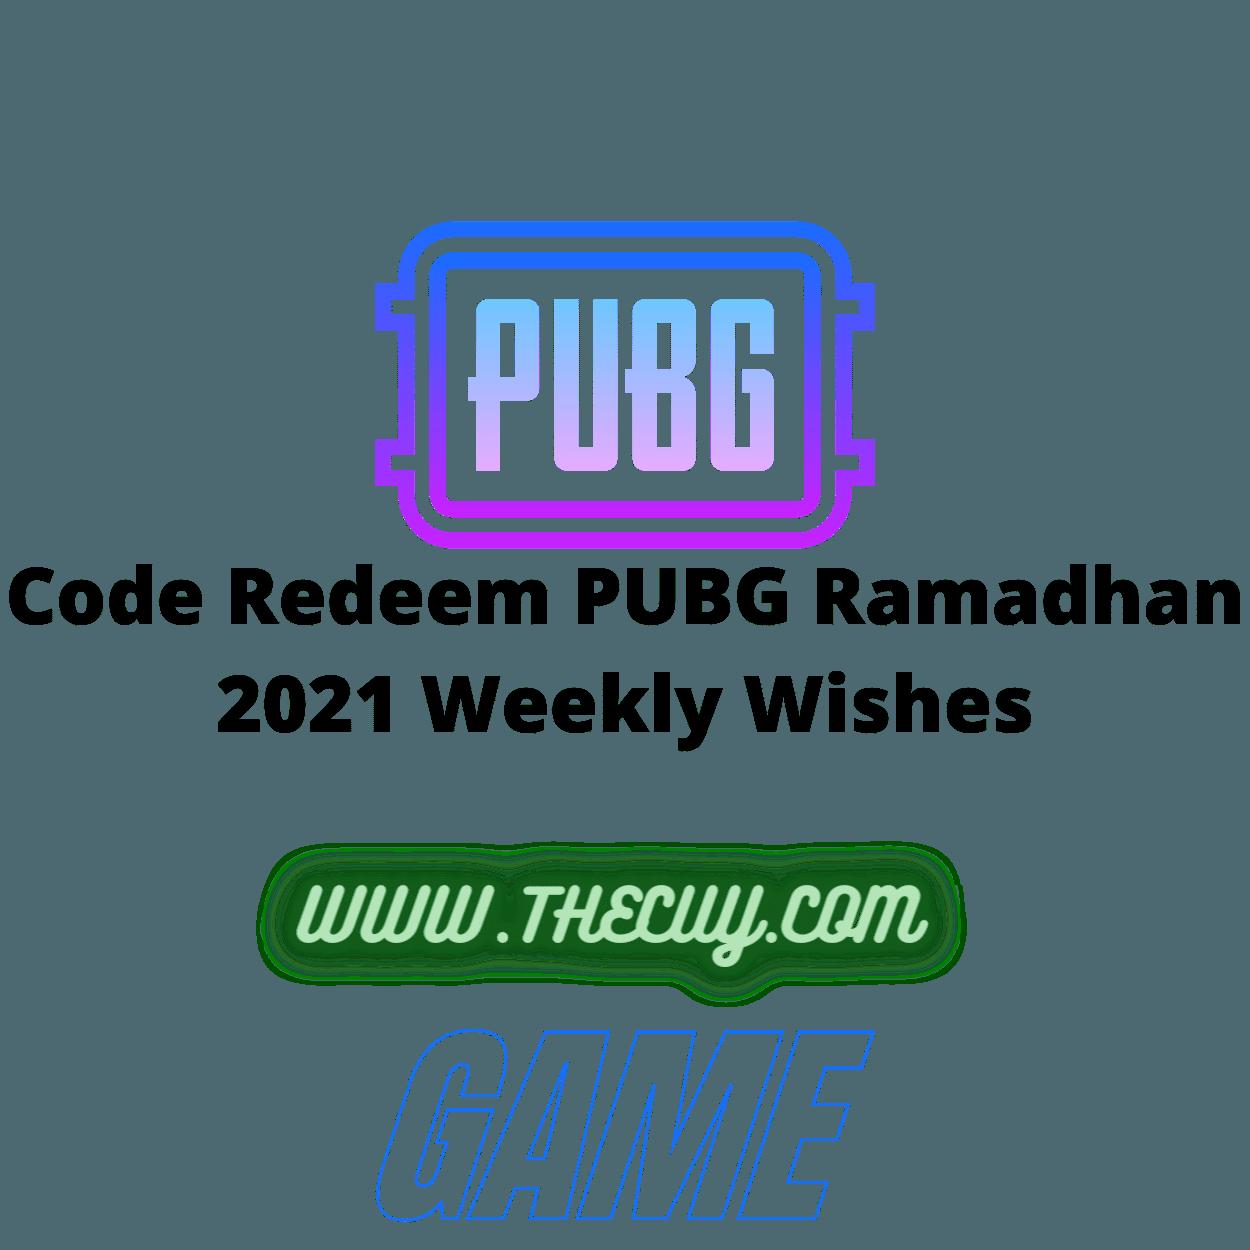 Code Redeem PUBG Ramadhan 2021 Weekly Wishes